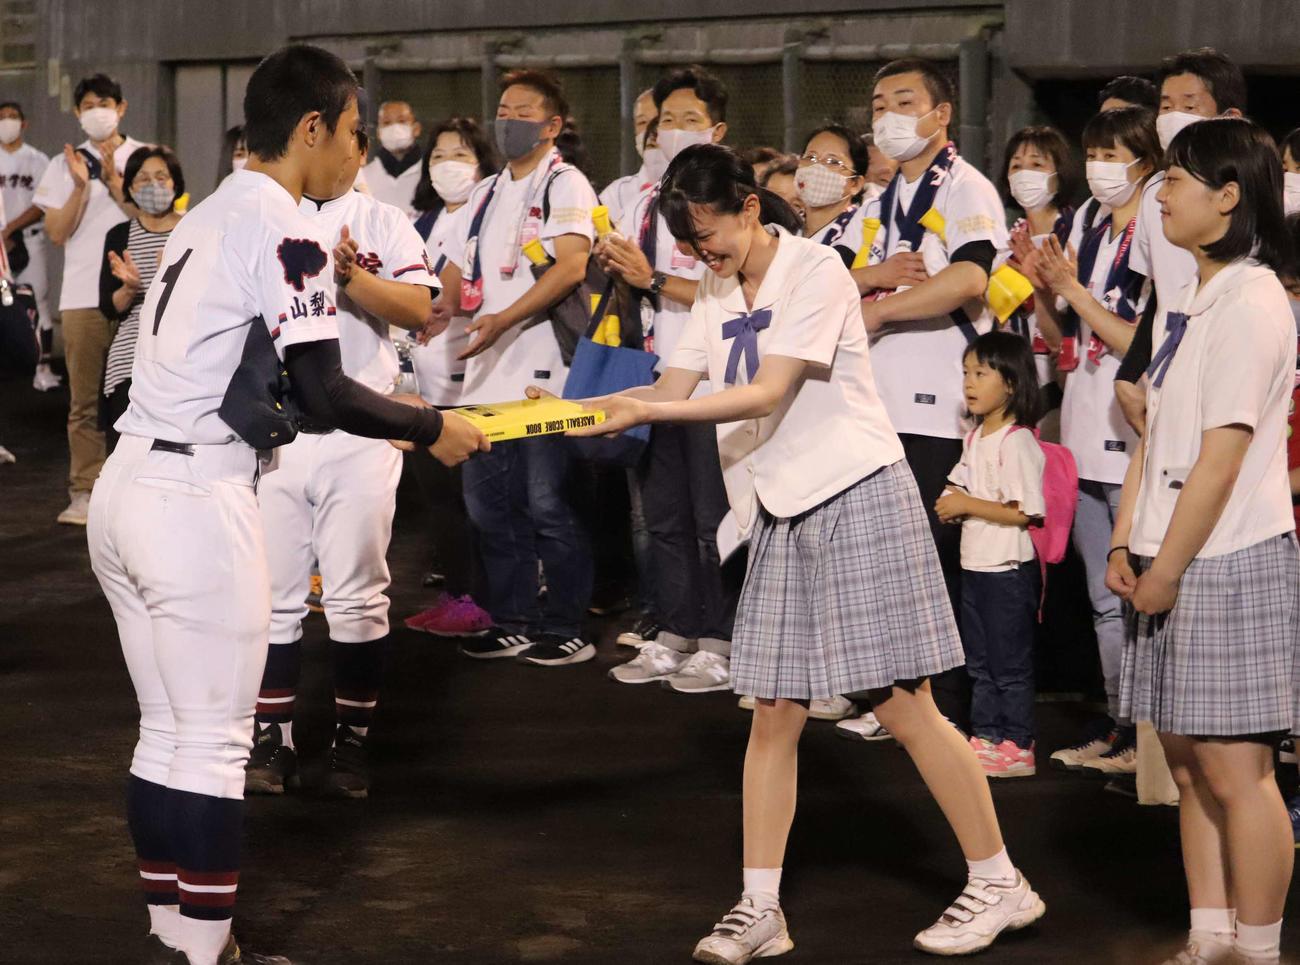 河瀬貴洋投手(左)は、マネジャーからスコアブックを受け取る(撮影・湯本勝大)